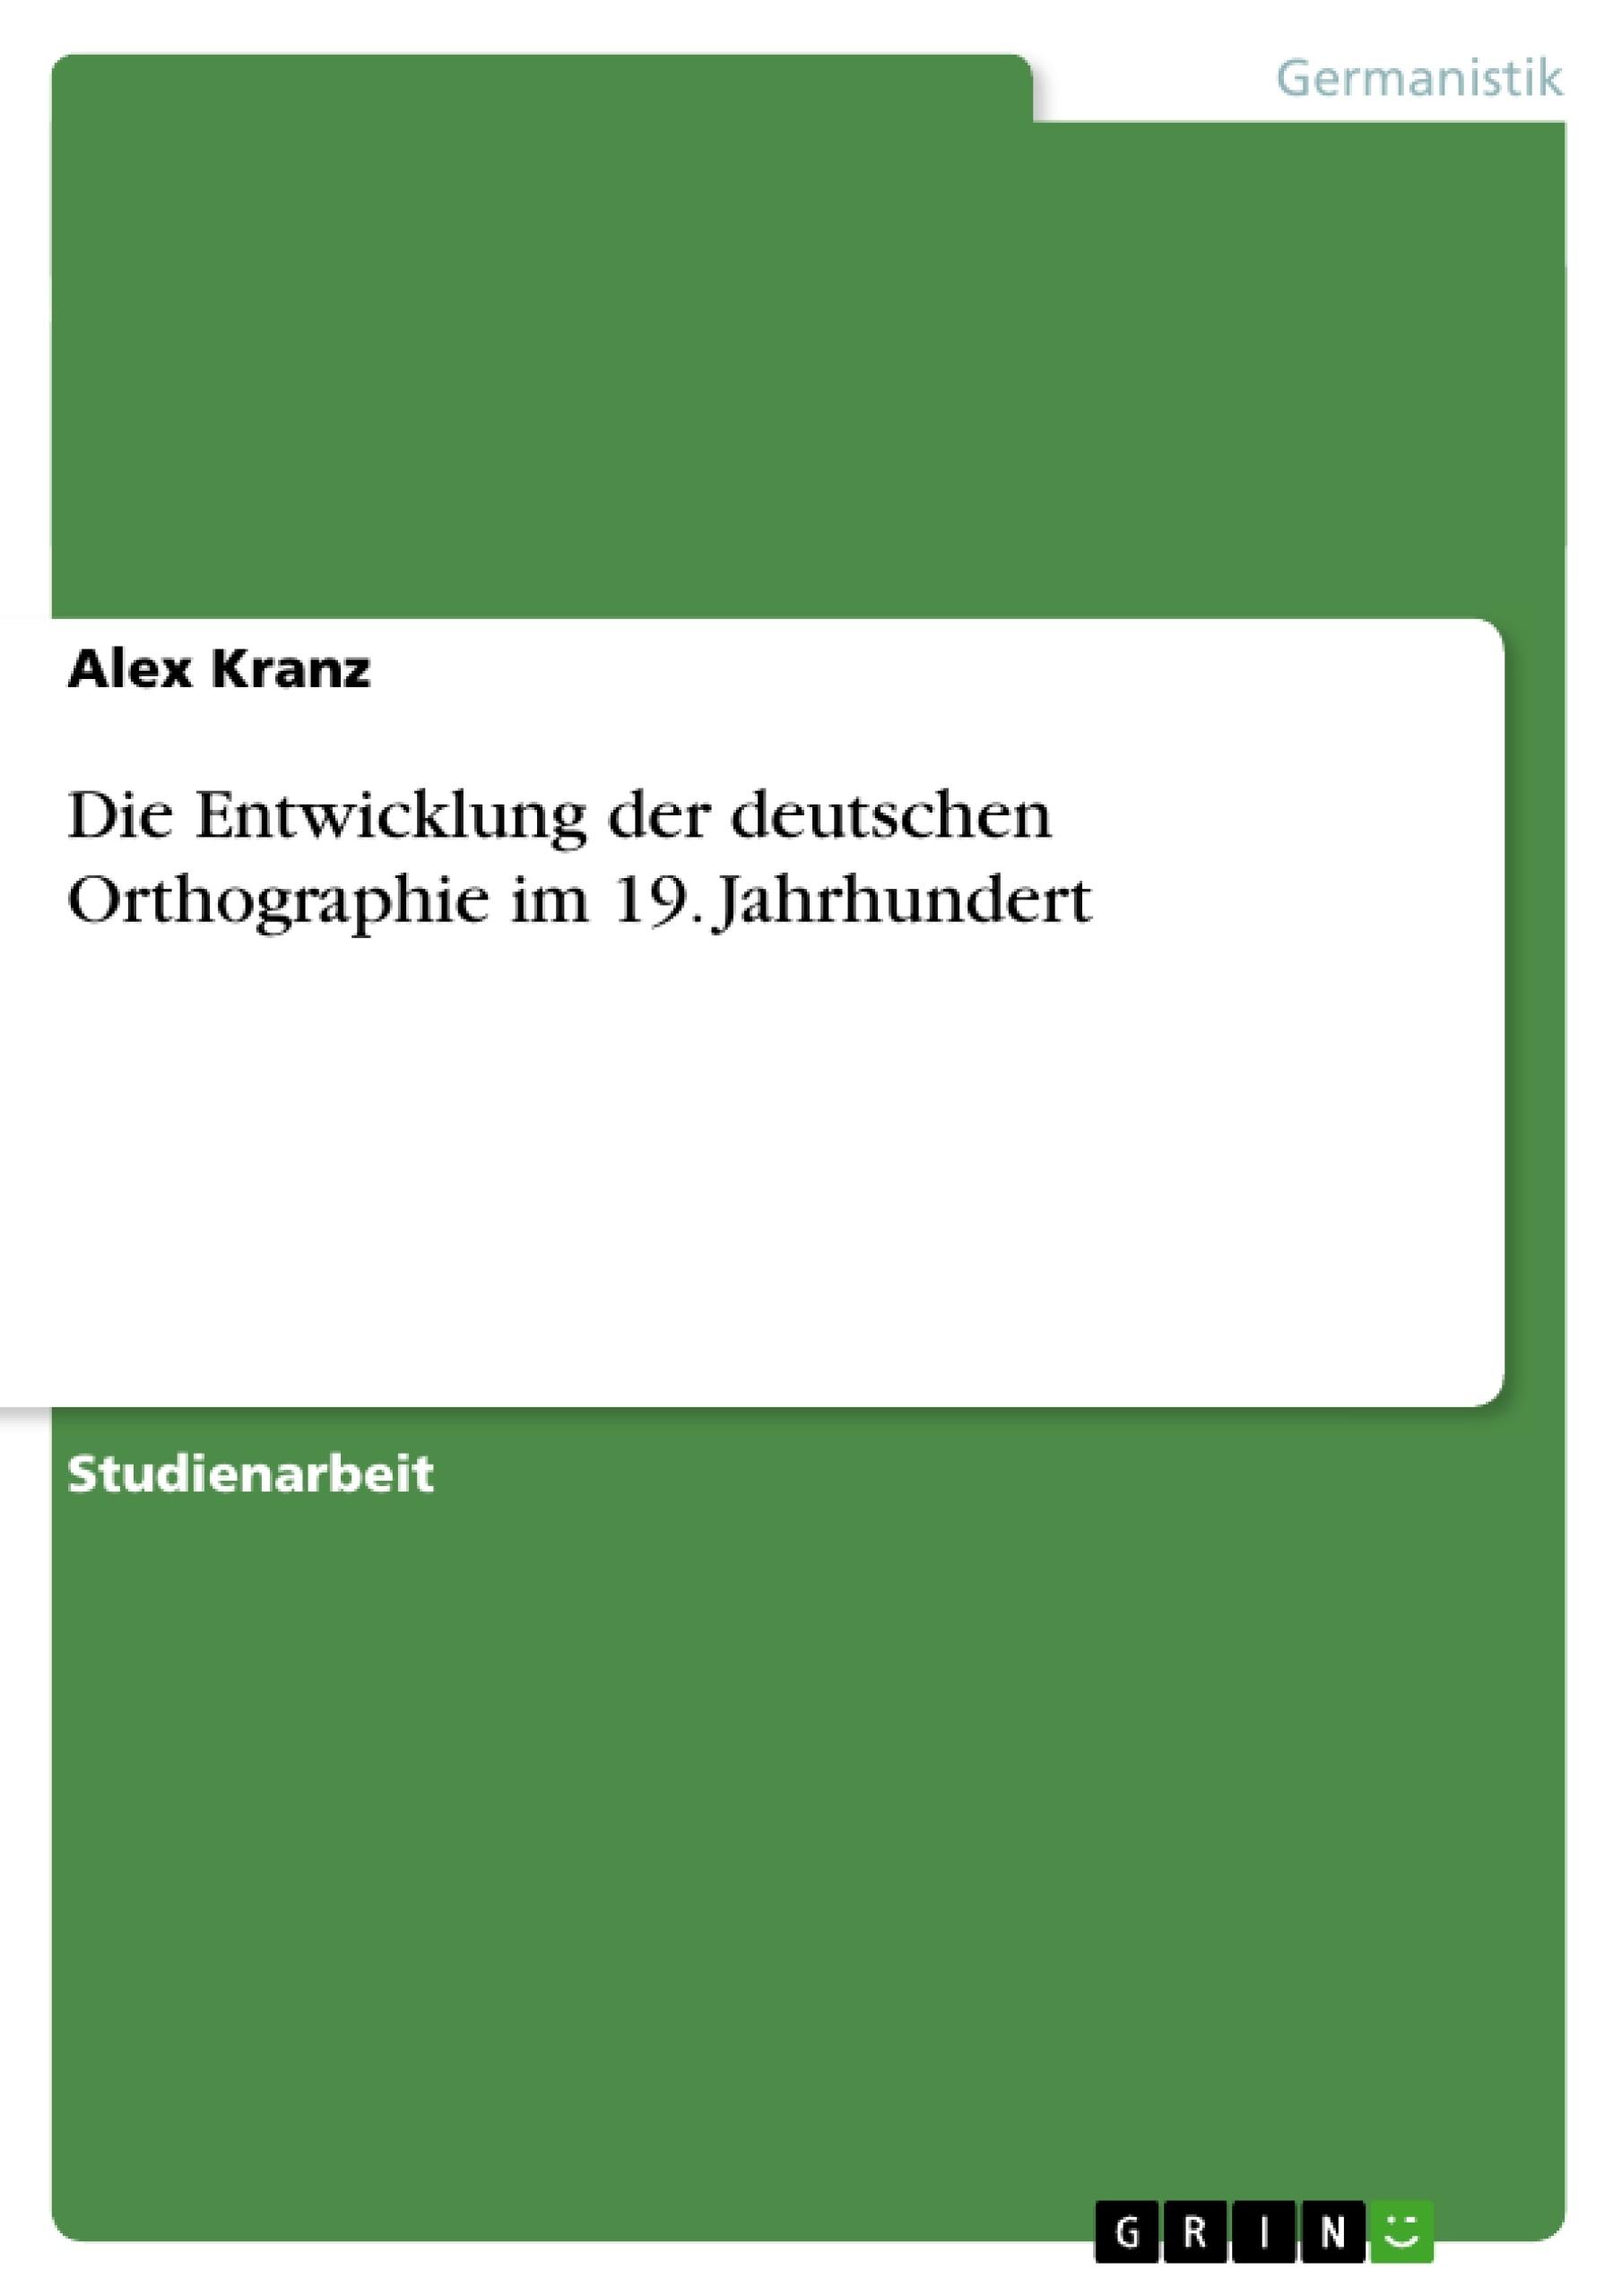 Titel: Die Entwicklung der deutschen Orthographie im 19. Jahrhundert